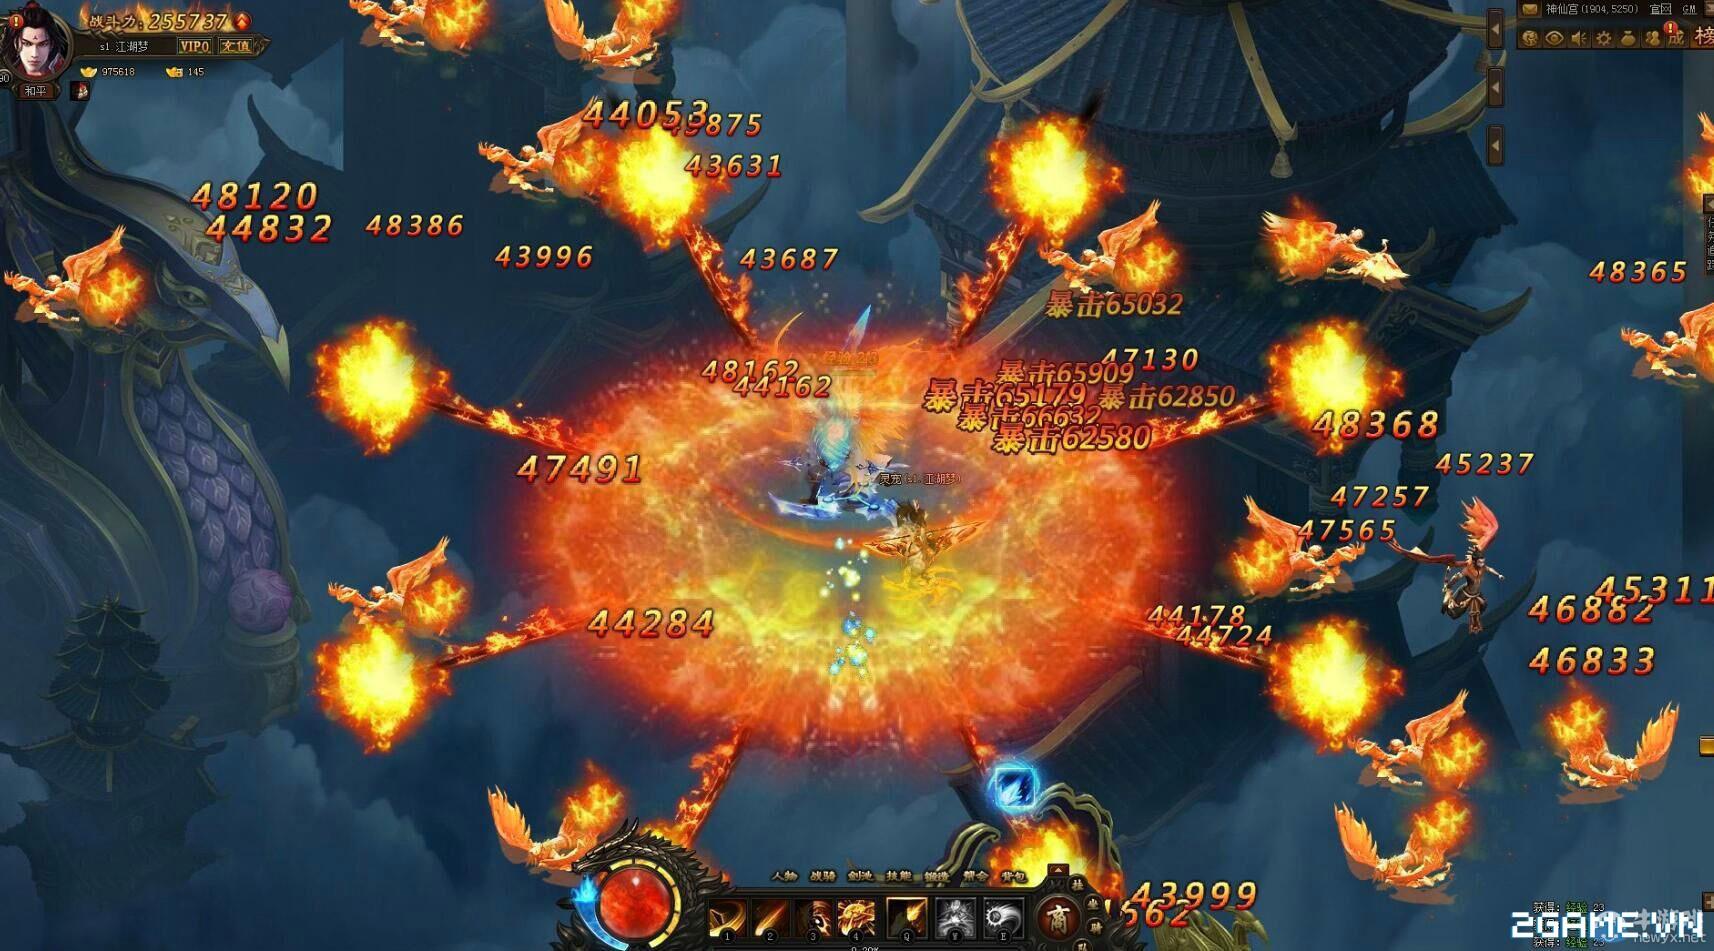 2game_webgame_kiem_vu_vng_anh_8.jpg (1714×951)